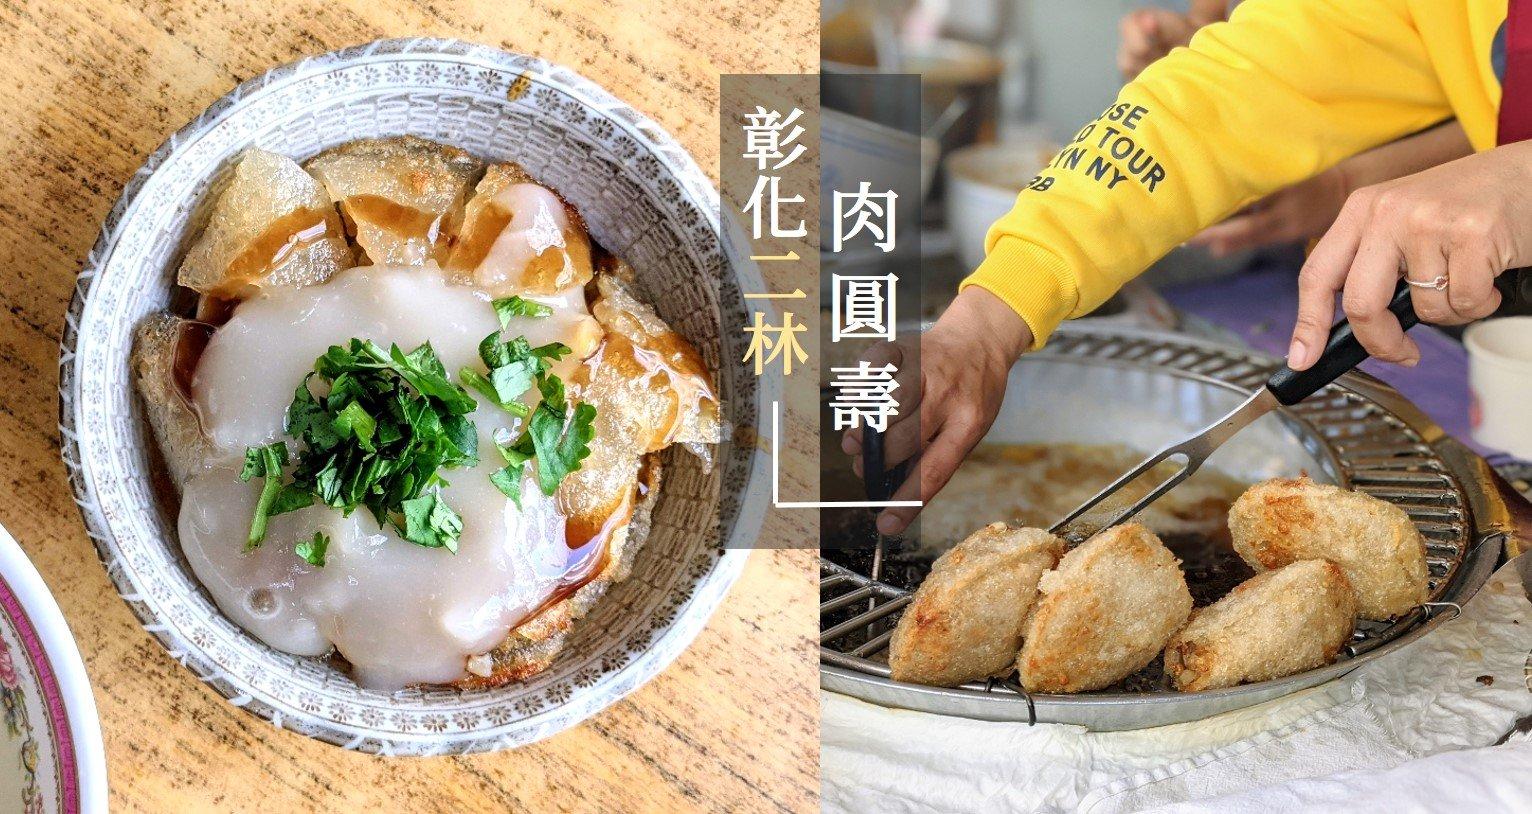 【二林美食】肉圓壽|傳承三代美味酥炸肉圓,美食節目推薦必吃